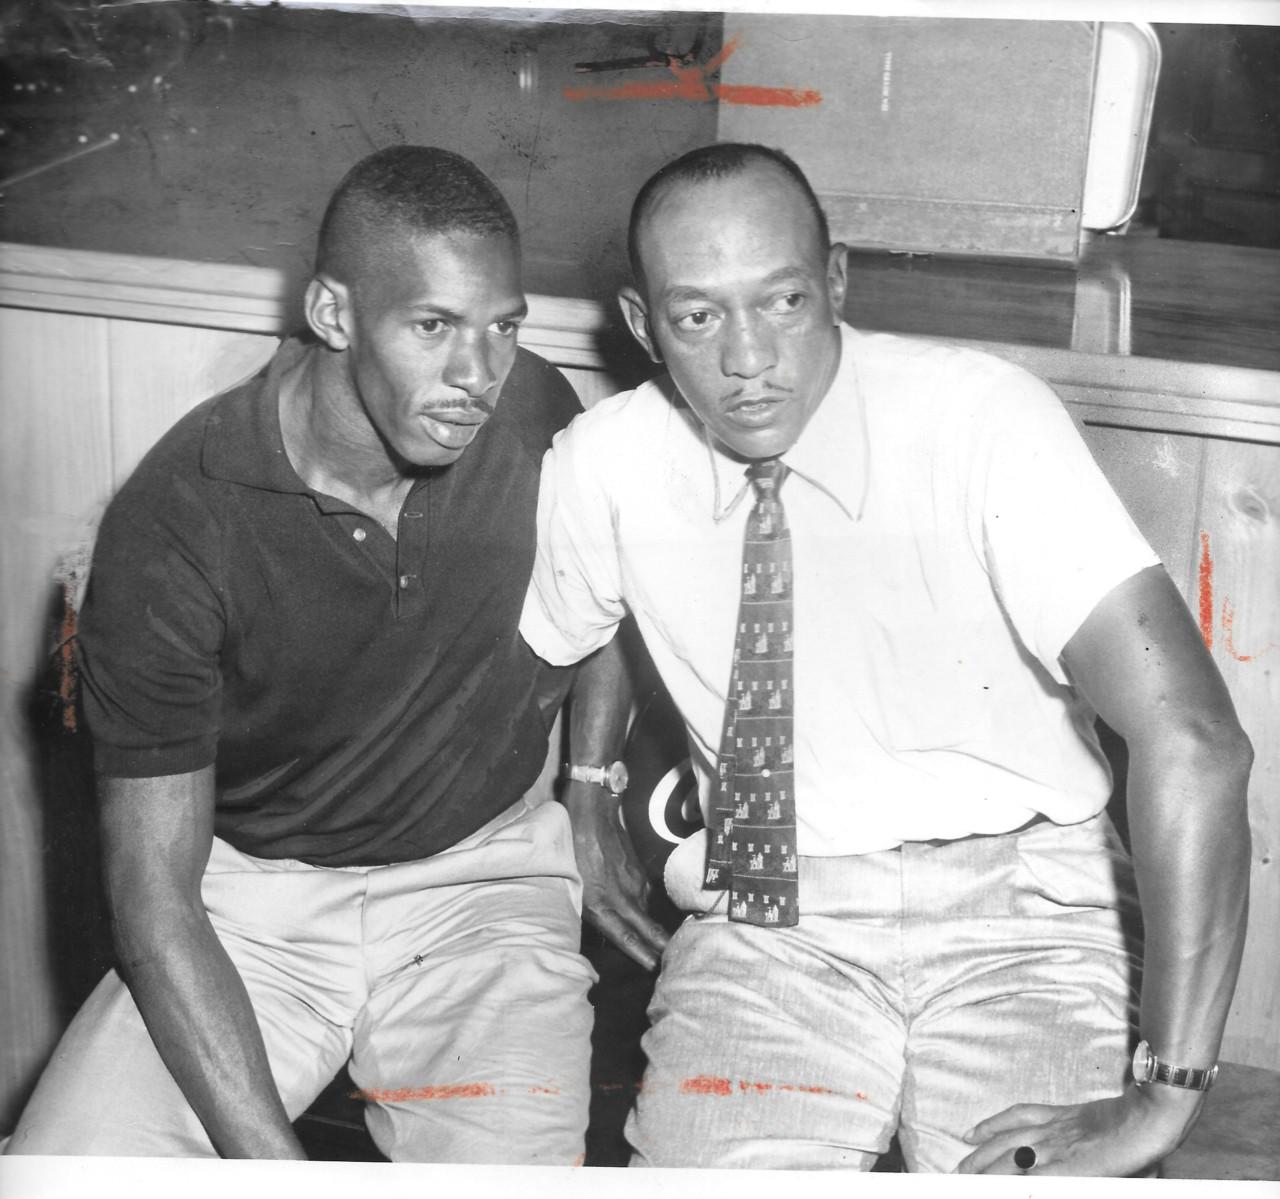 As lendas do atletismo Adhemar Ferreira da Silva e Jesse Owens - Arquivo pessoal